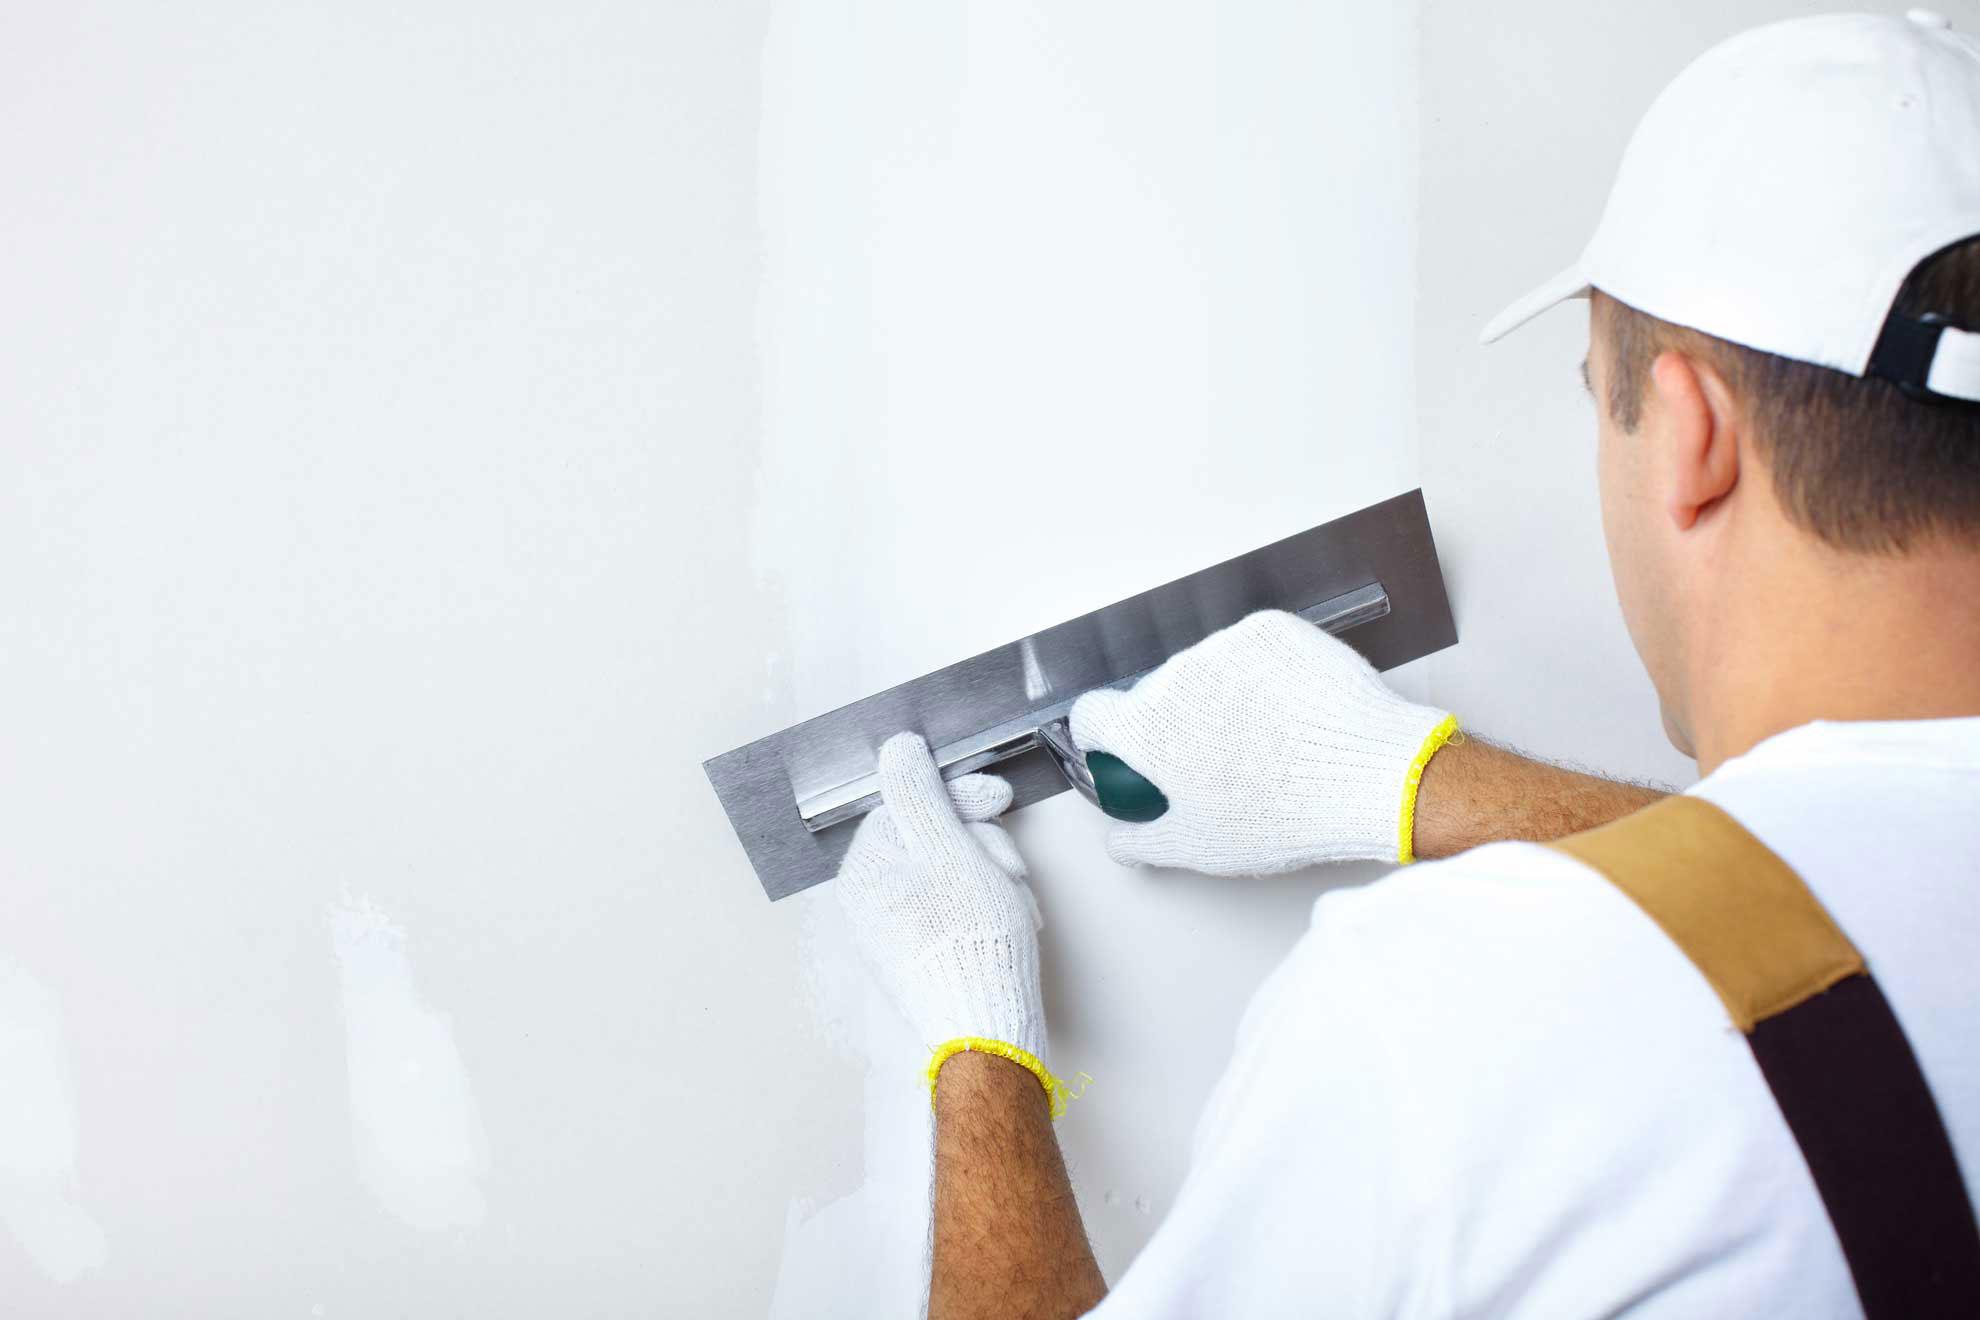 Сколько стоит 1 квадратный метр шпатлевки трафареты и штампы для покраски стен